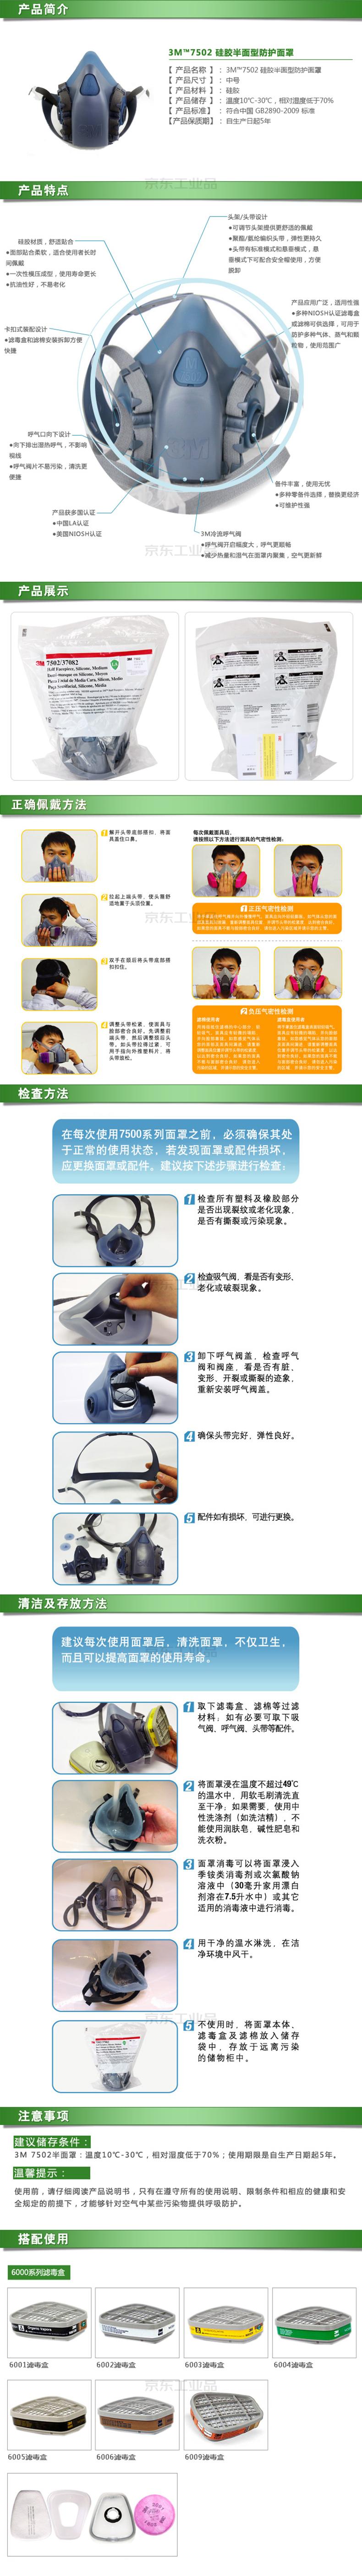 3M 7502硅胶半面型防护面罩(中号),需搭配配件使用;7502